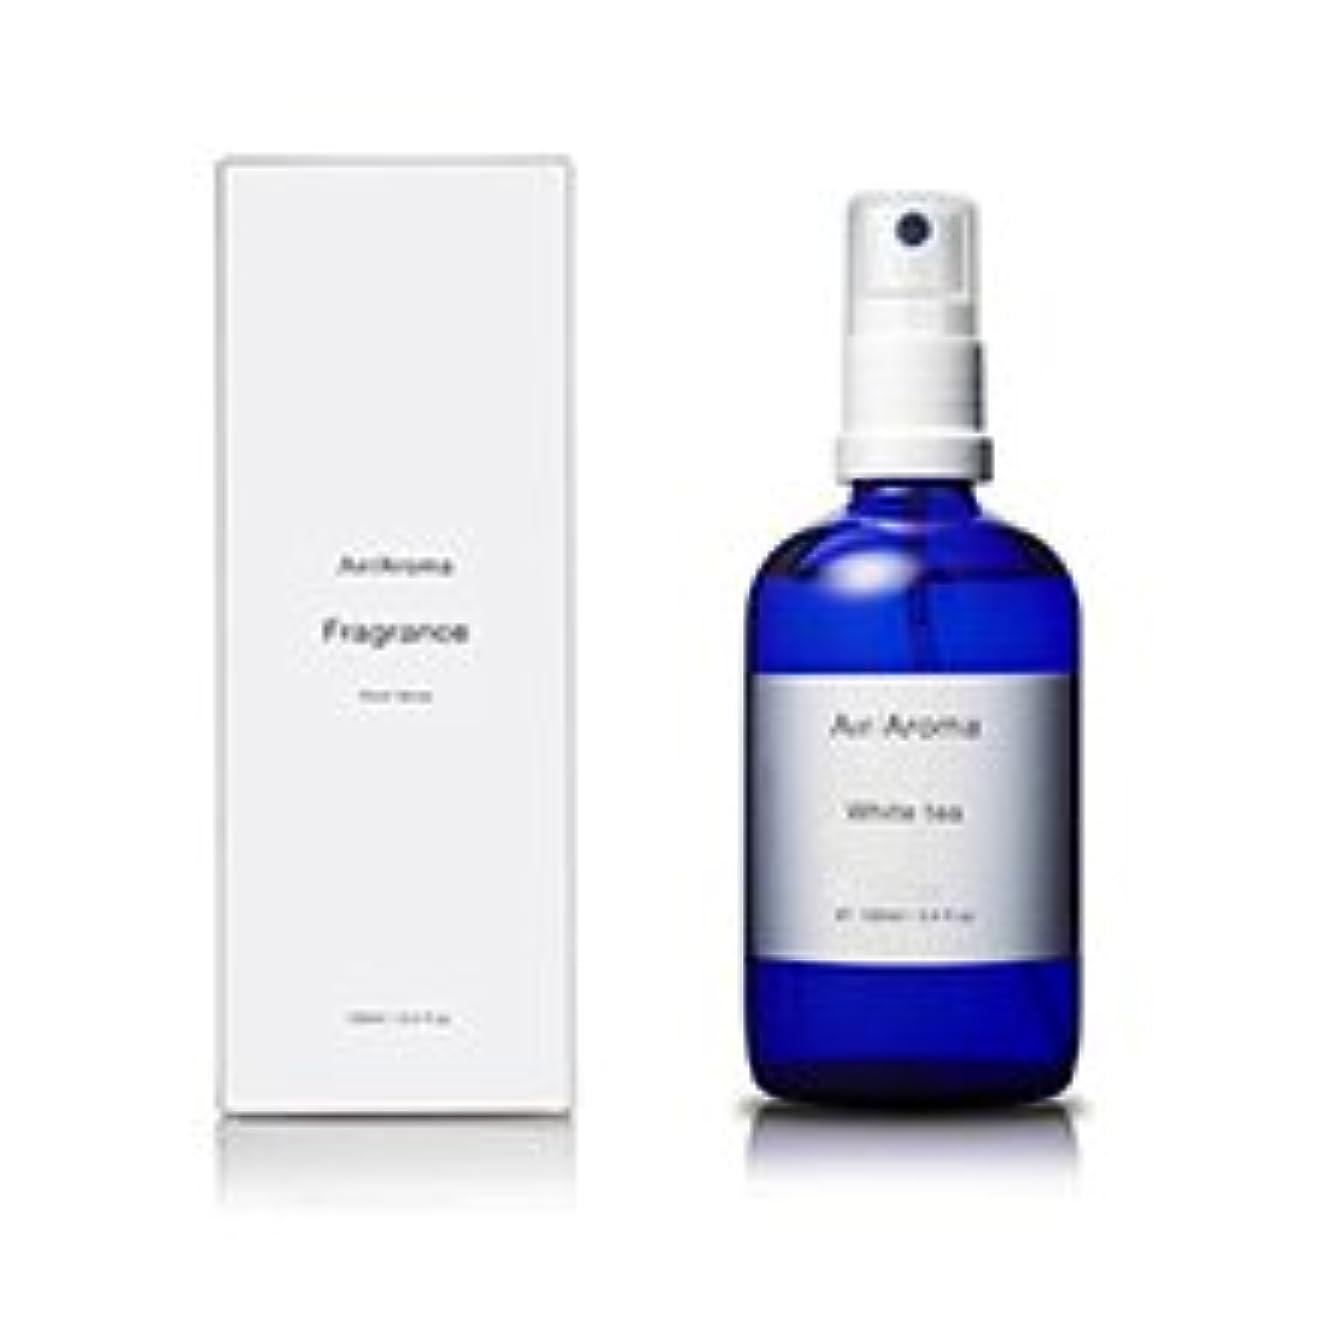 ゲート辞任する足エアアロマ white tea room fragrance(ホワイトティ ルームフレグランス)100ml